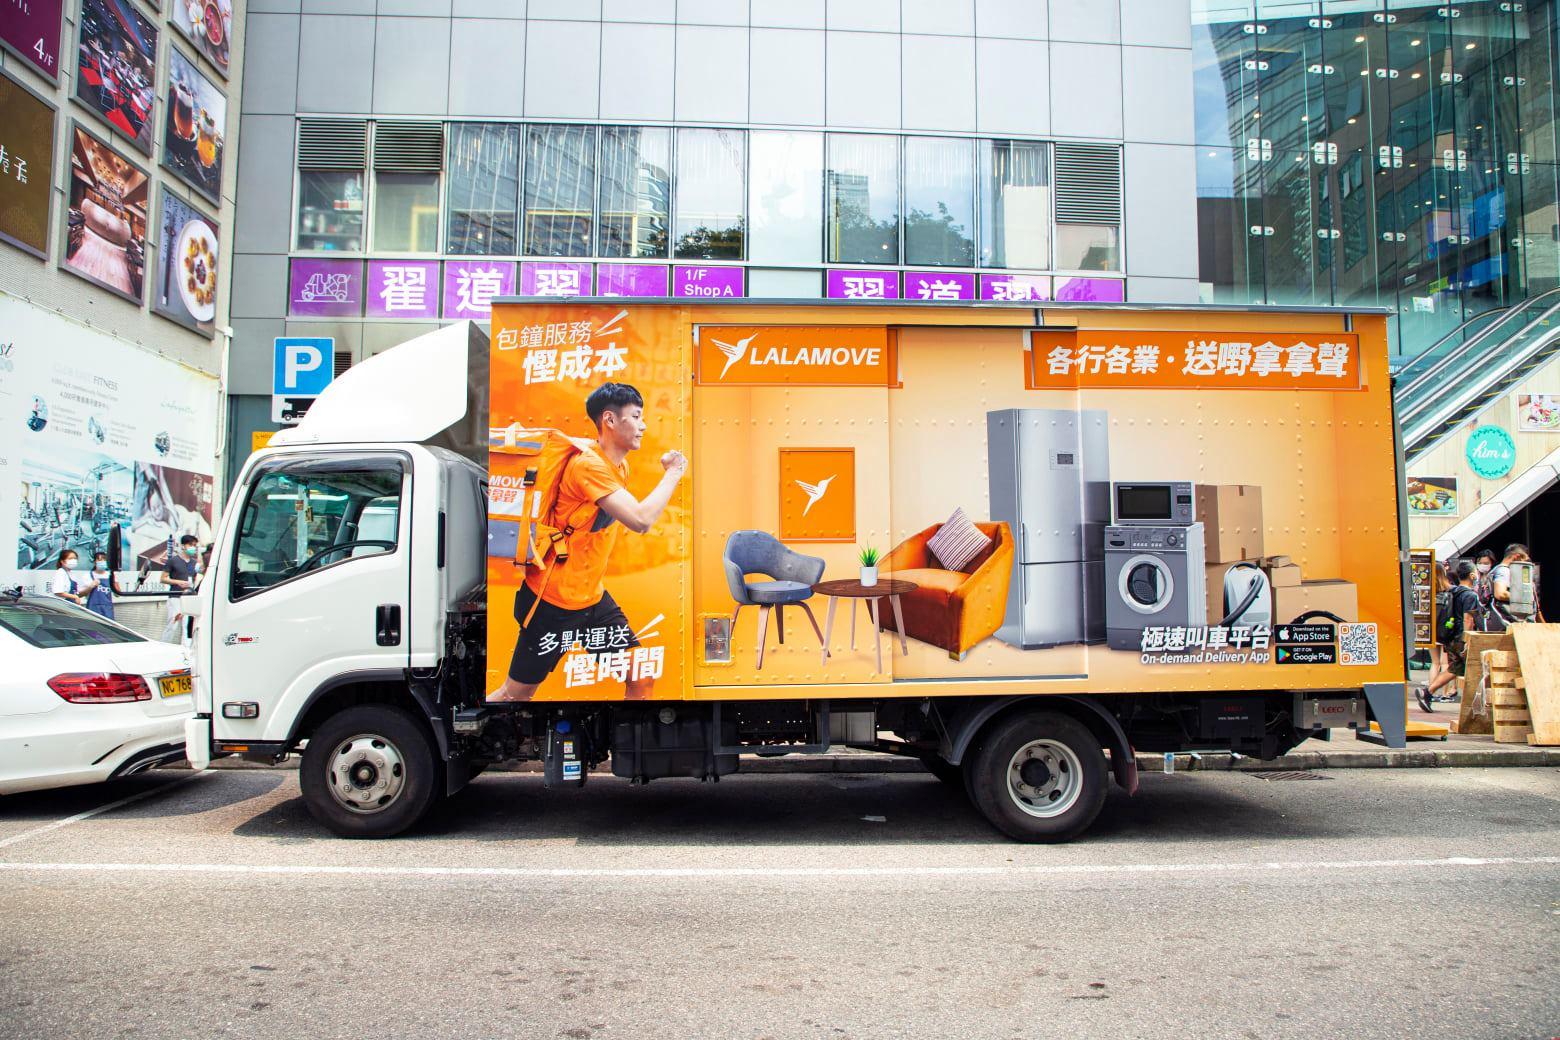 Lala move truck Hong Kong moving companies